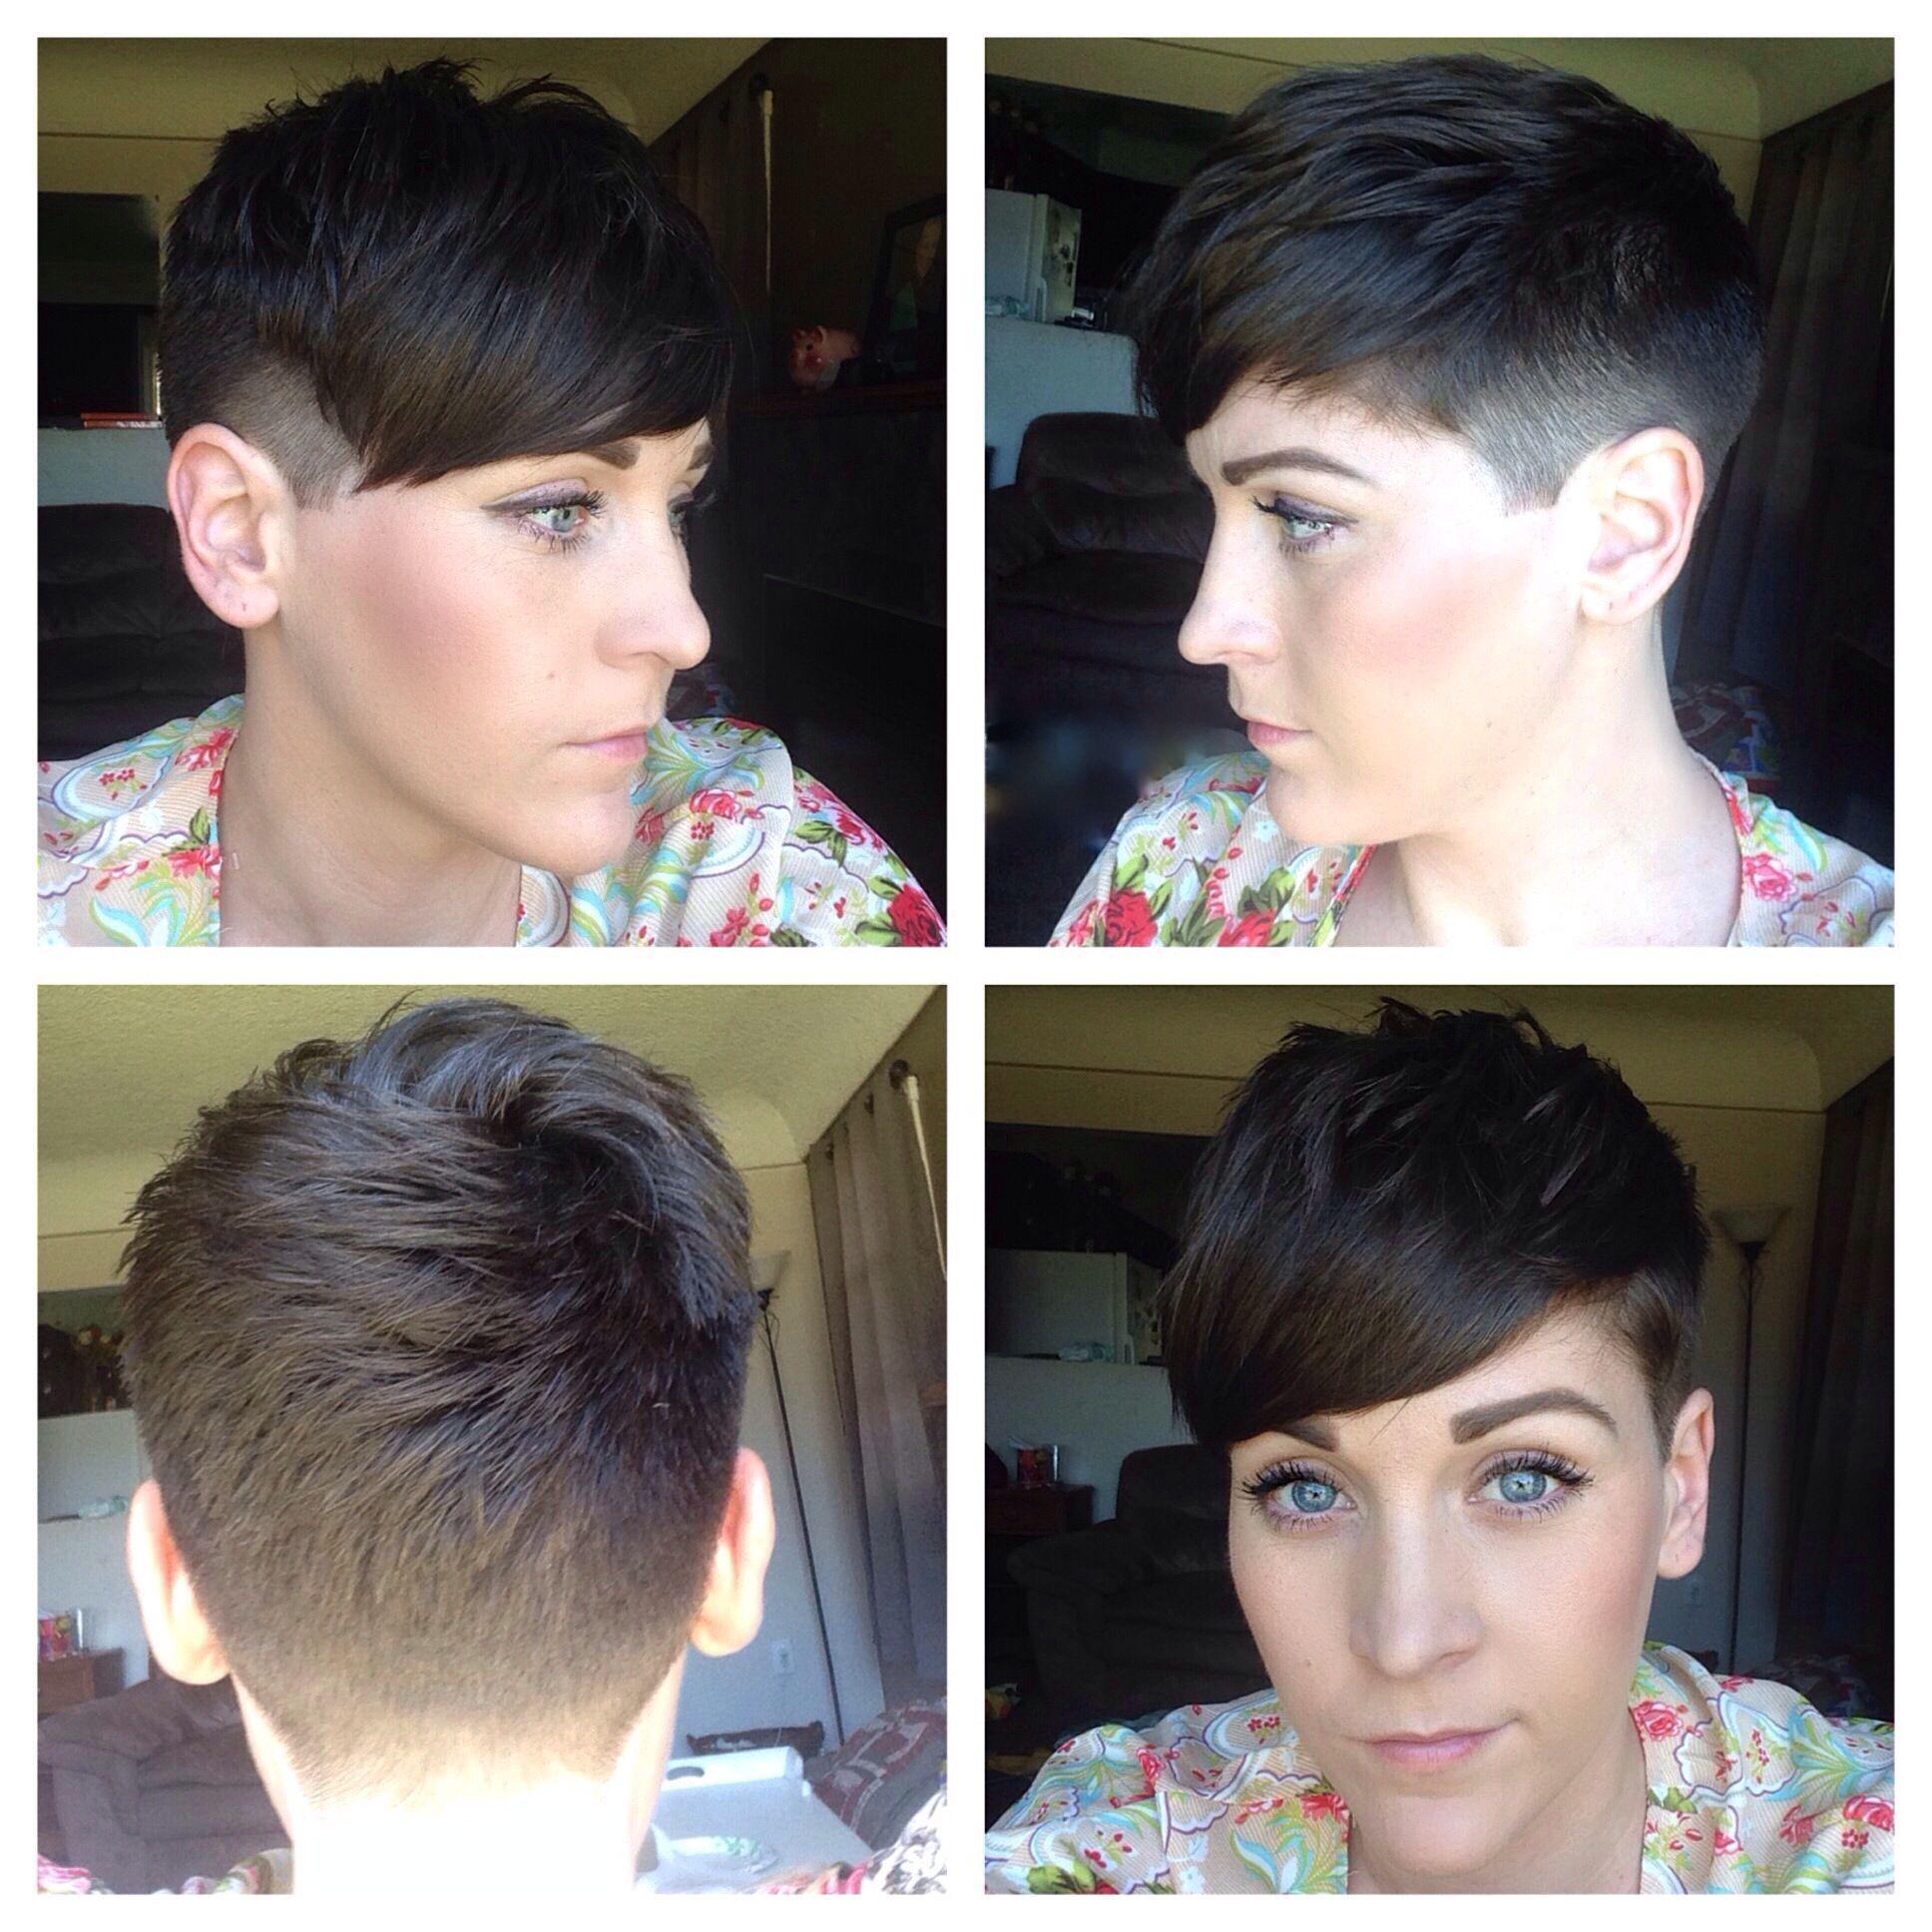 Womens Short Hair, Undercut, Clipper Cut, Fade, Fashion